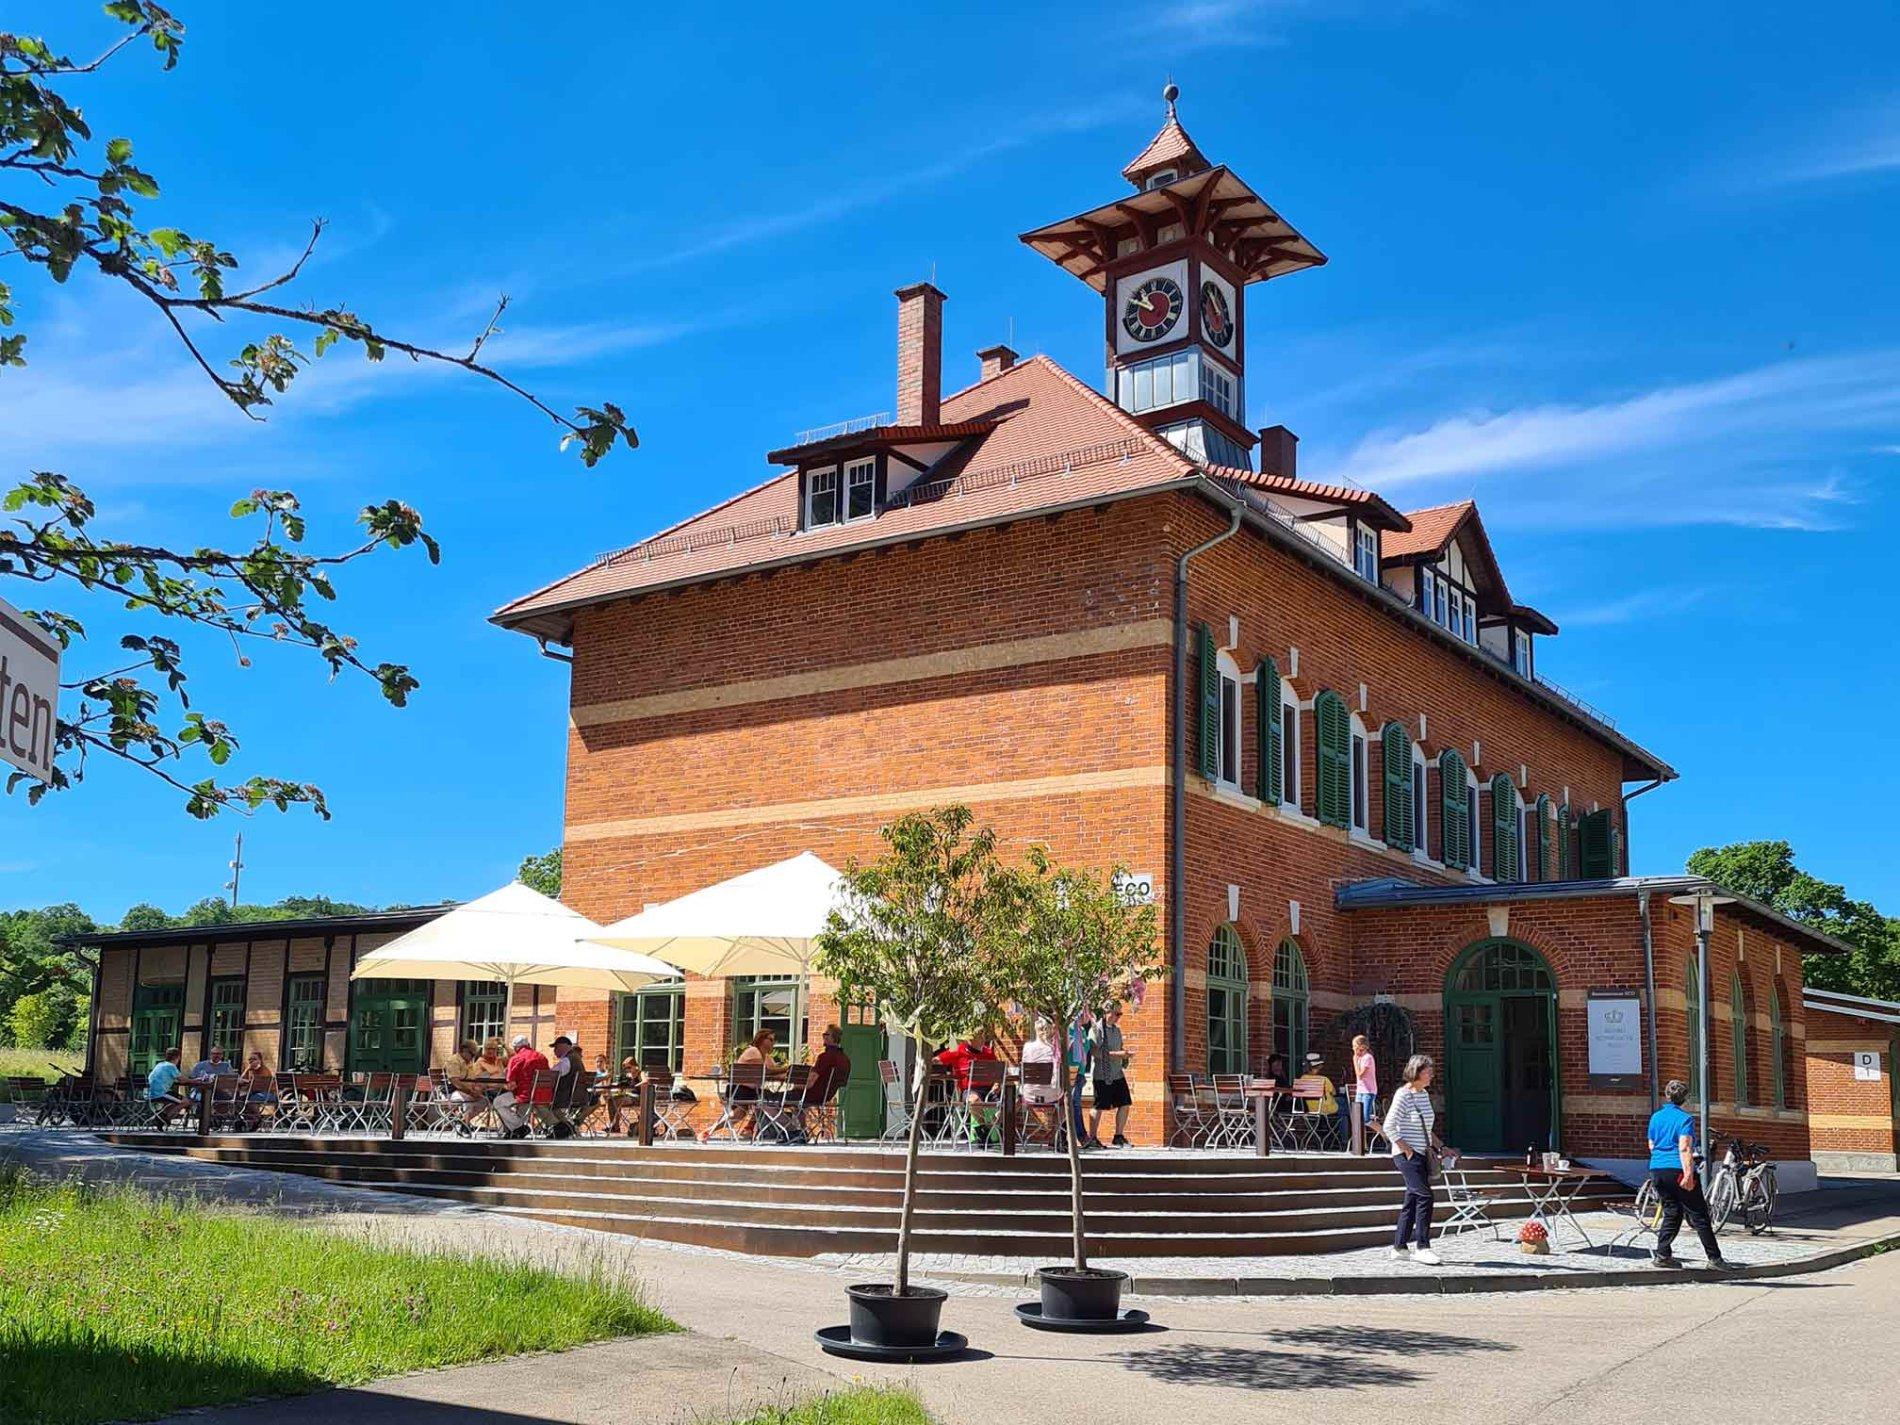 Ein Backsteingebäude mit historischem Turm mit einer Uhr. Davor eine Terasse mit Sitztischen und Sonnenschirmen. Dort sitzen einige Personen, weitere stehen vor dem Gebäude. Es ist sonnig und der Himmel ist blau.